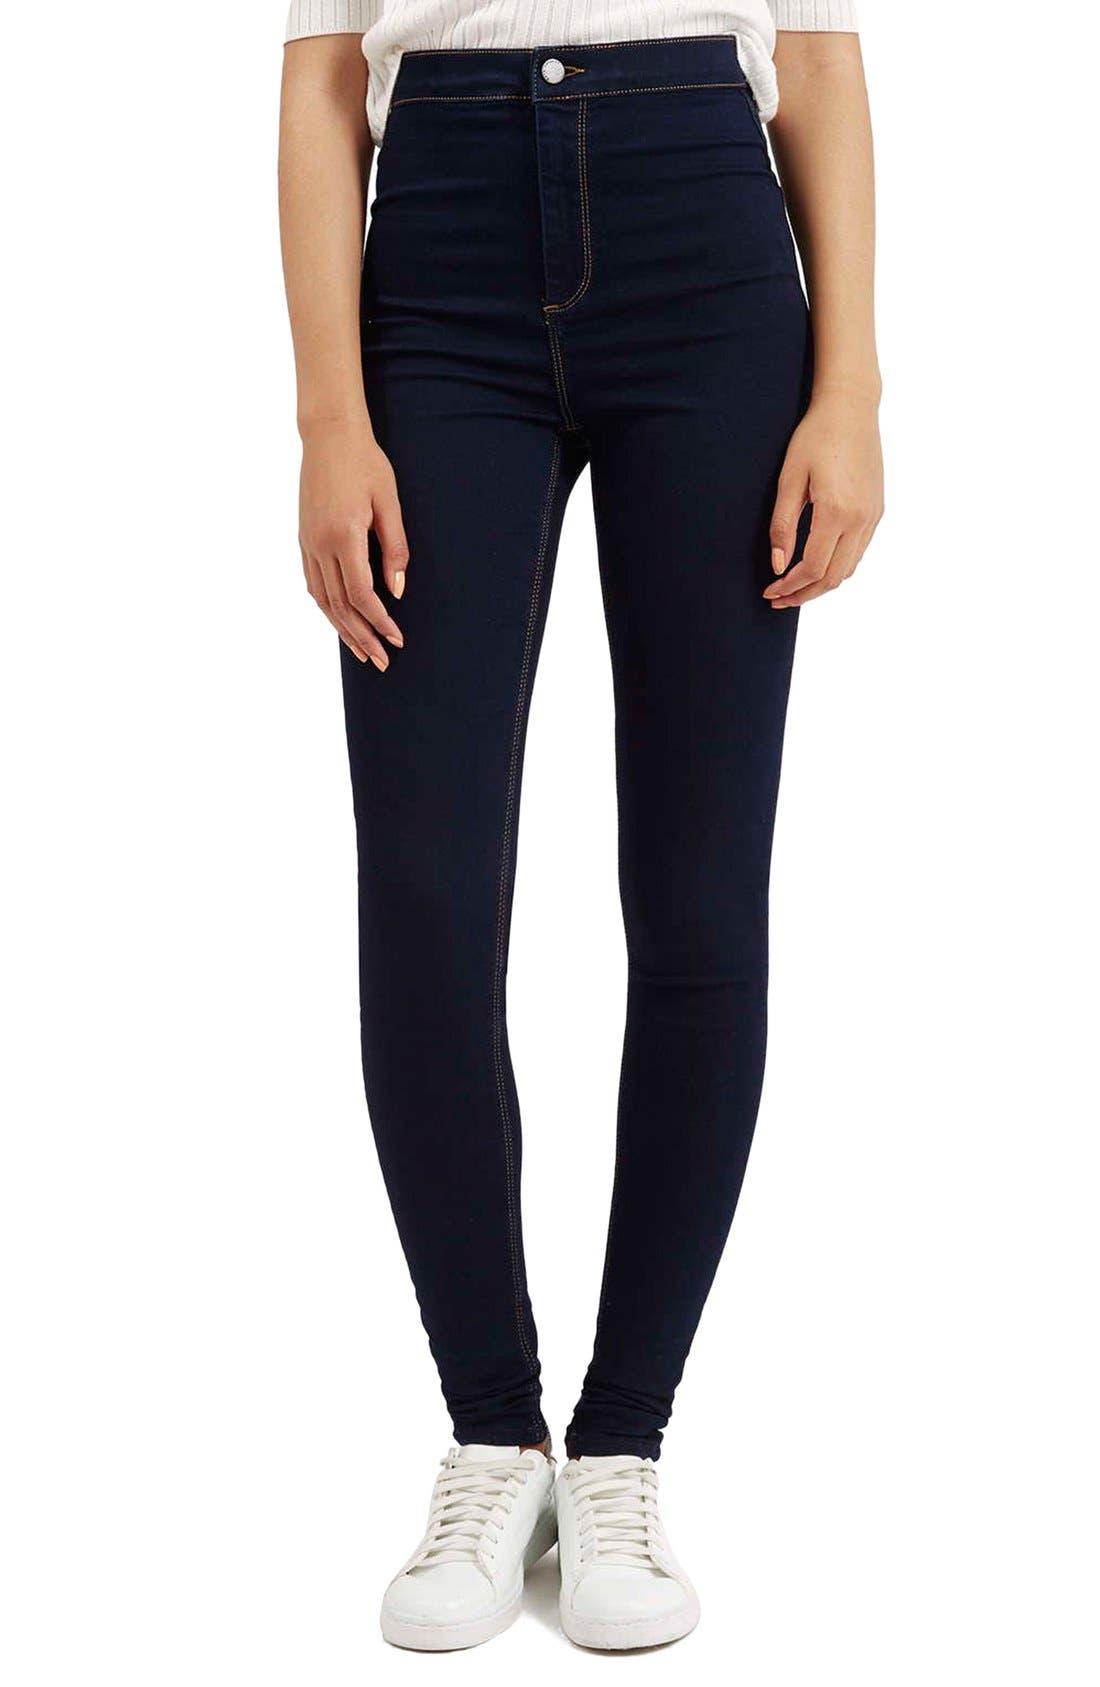 Main Image - Topshop Moto 'Joni' Super Skinny Jeans (Mid Denim) (Tall)